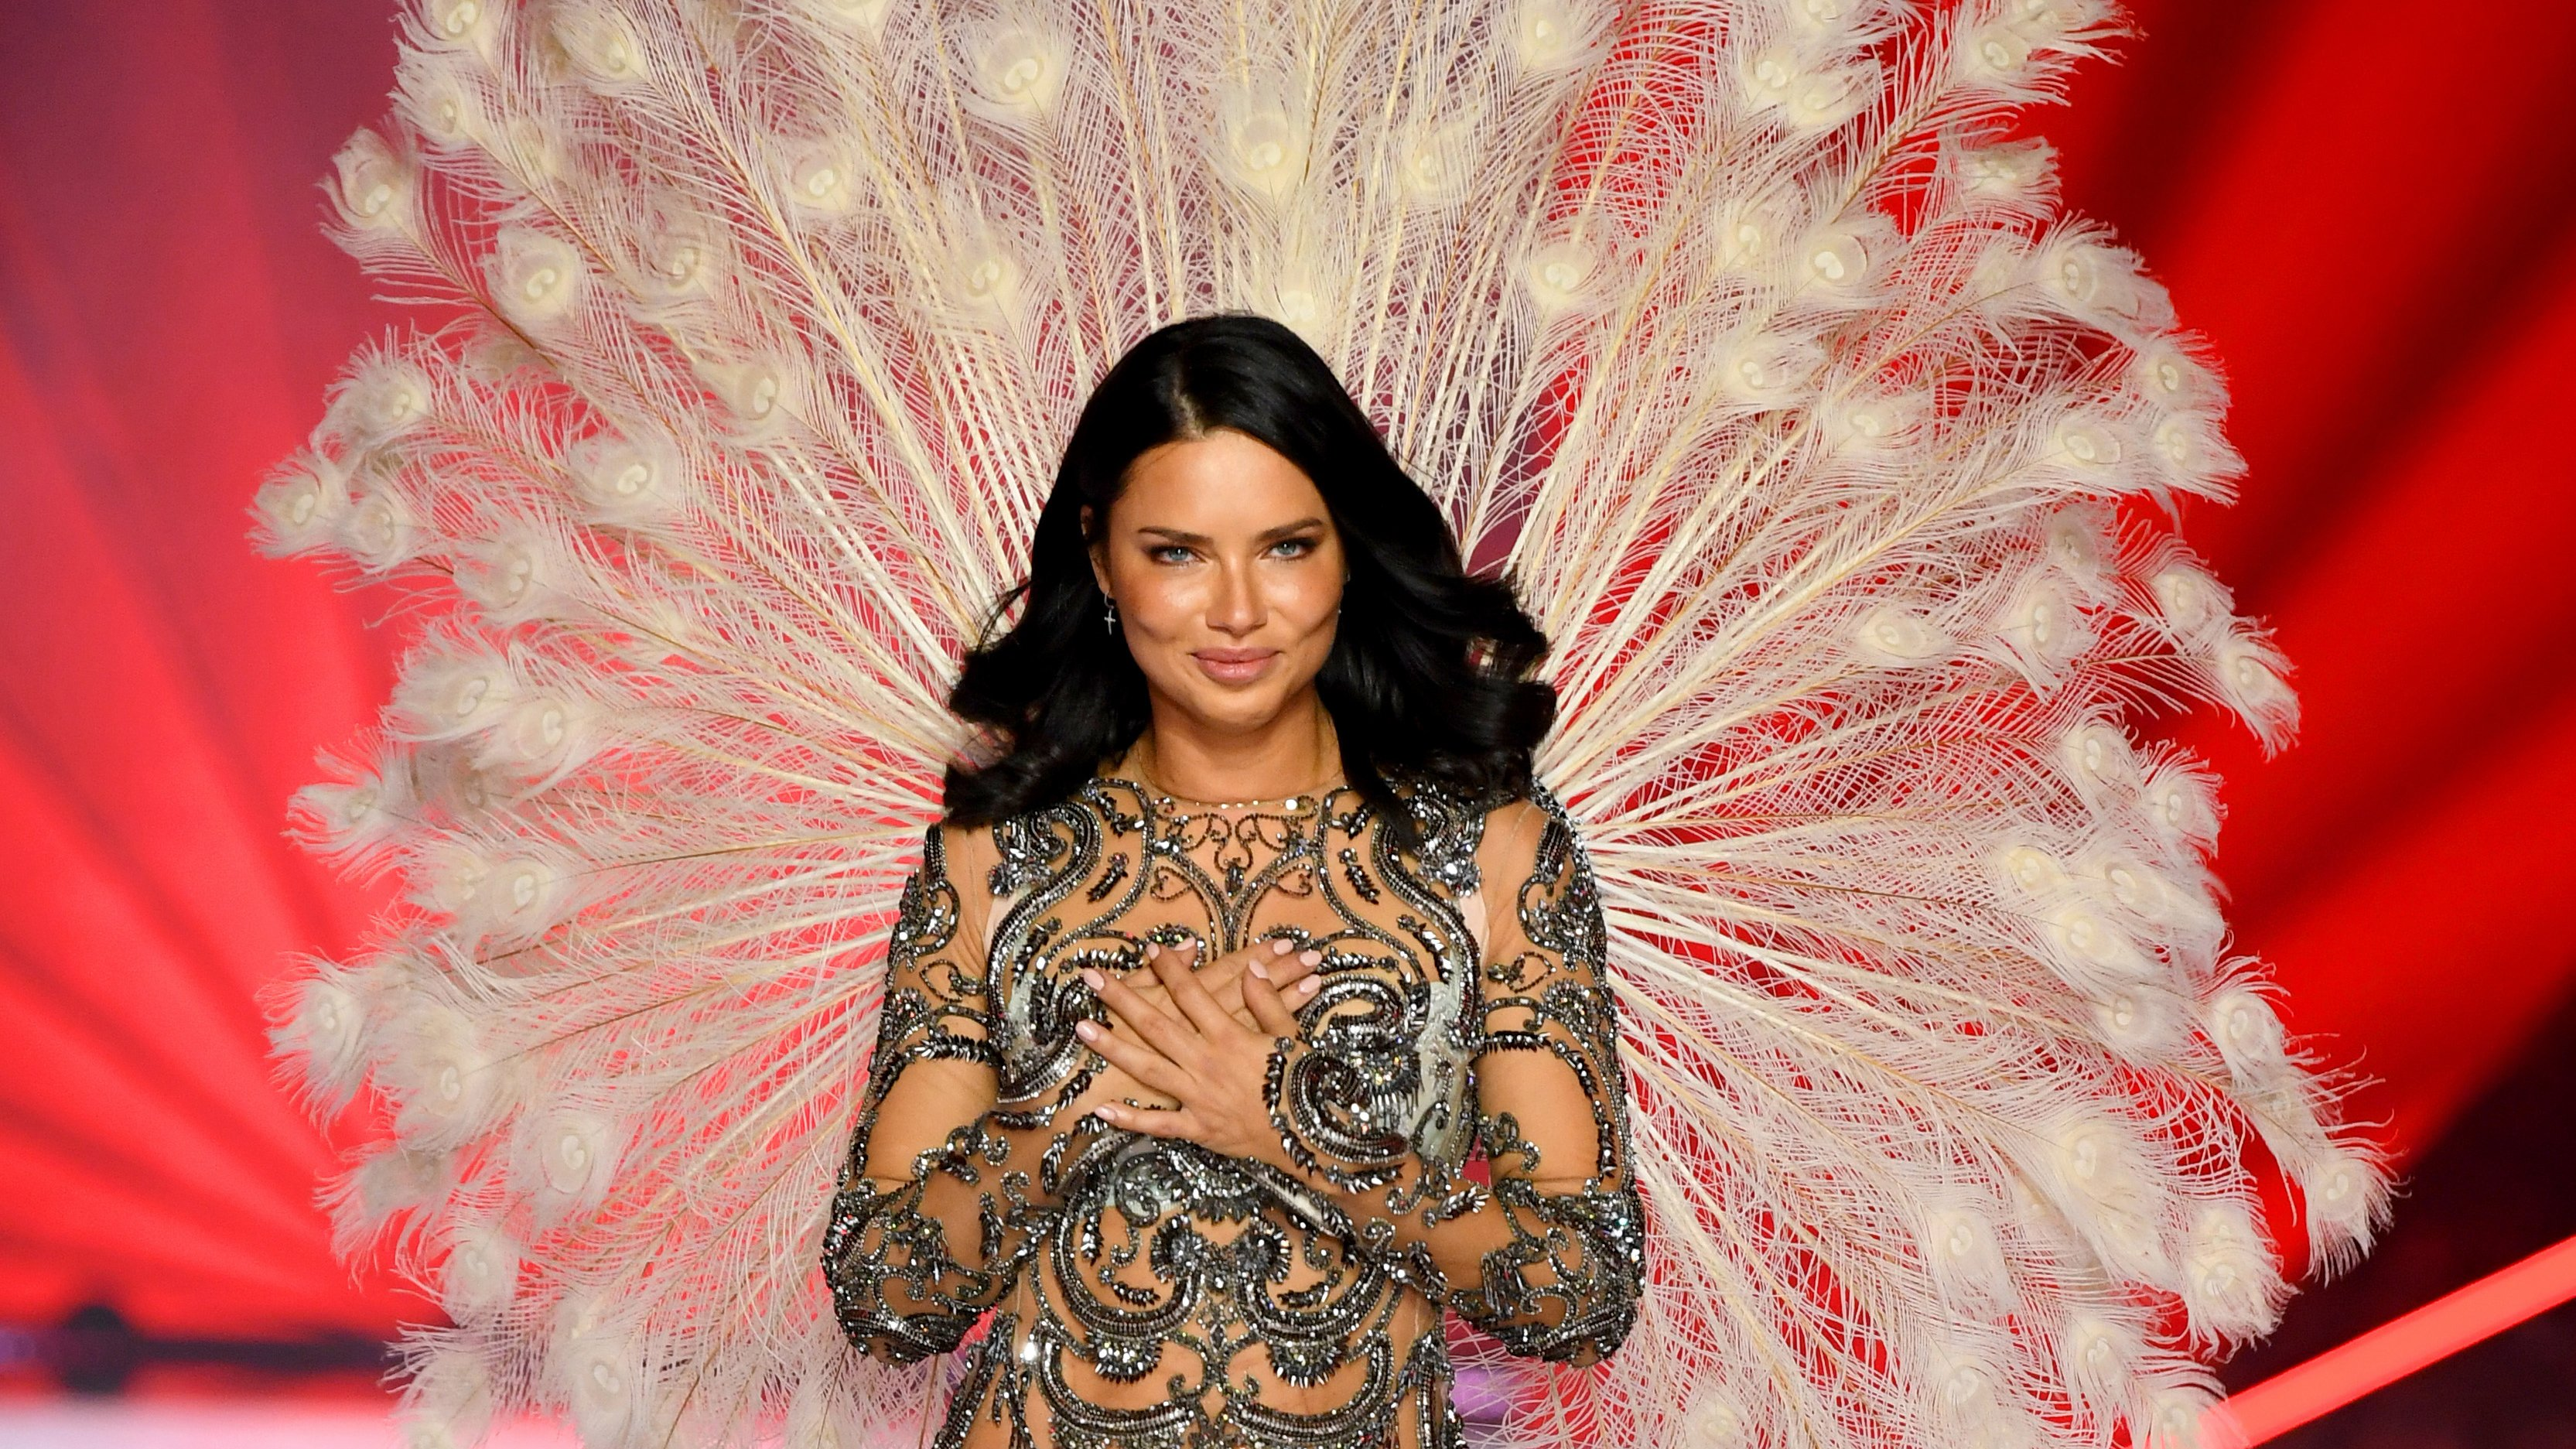 victorias secret fashion show adriana lima tears up - HD1176×882